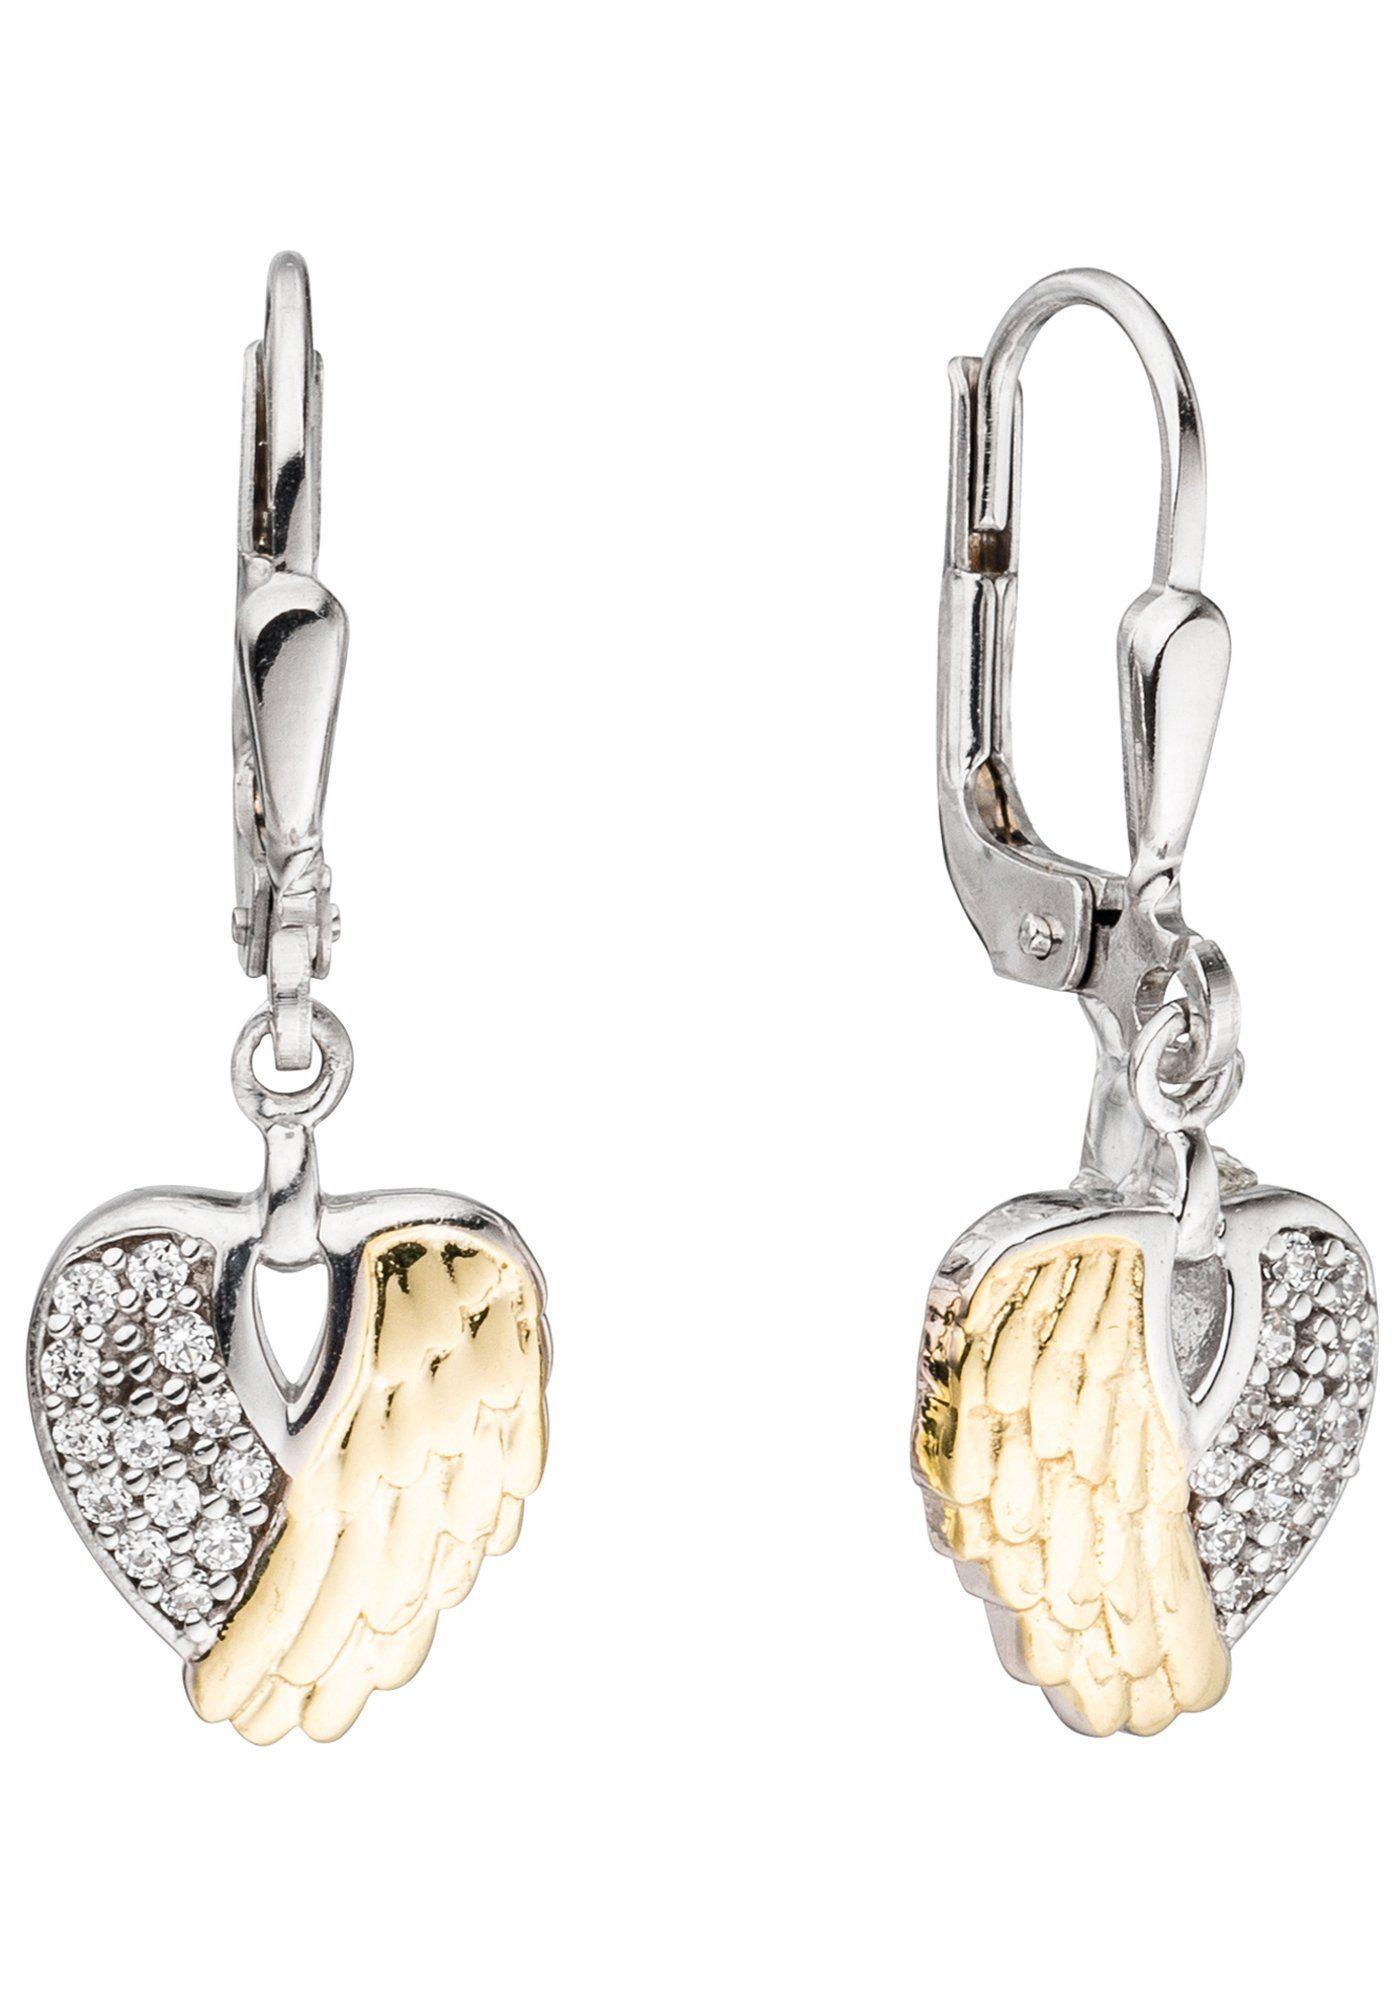 JOBO Paar Ohrhänger »Herz Flügel« 925 Silber bicolor mit Zirkonia